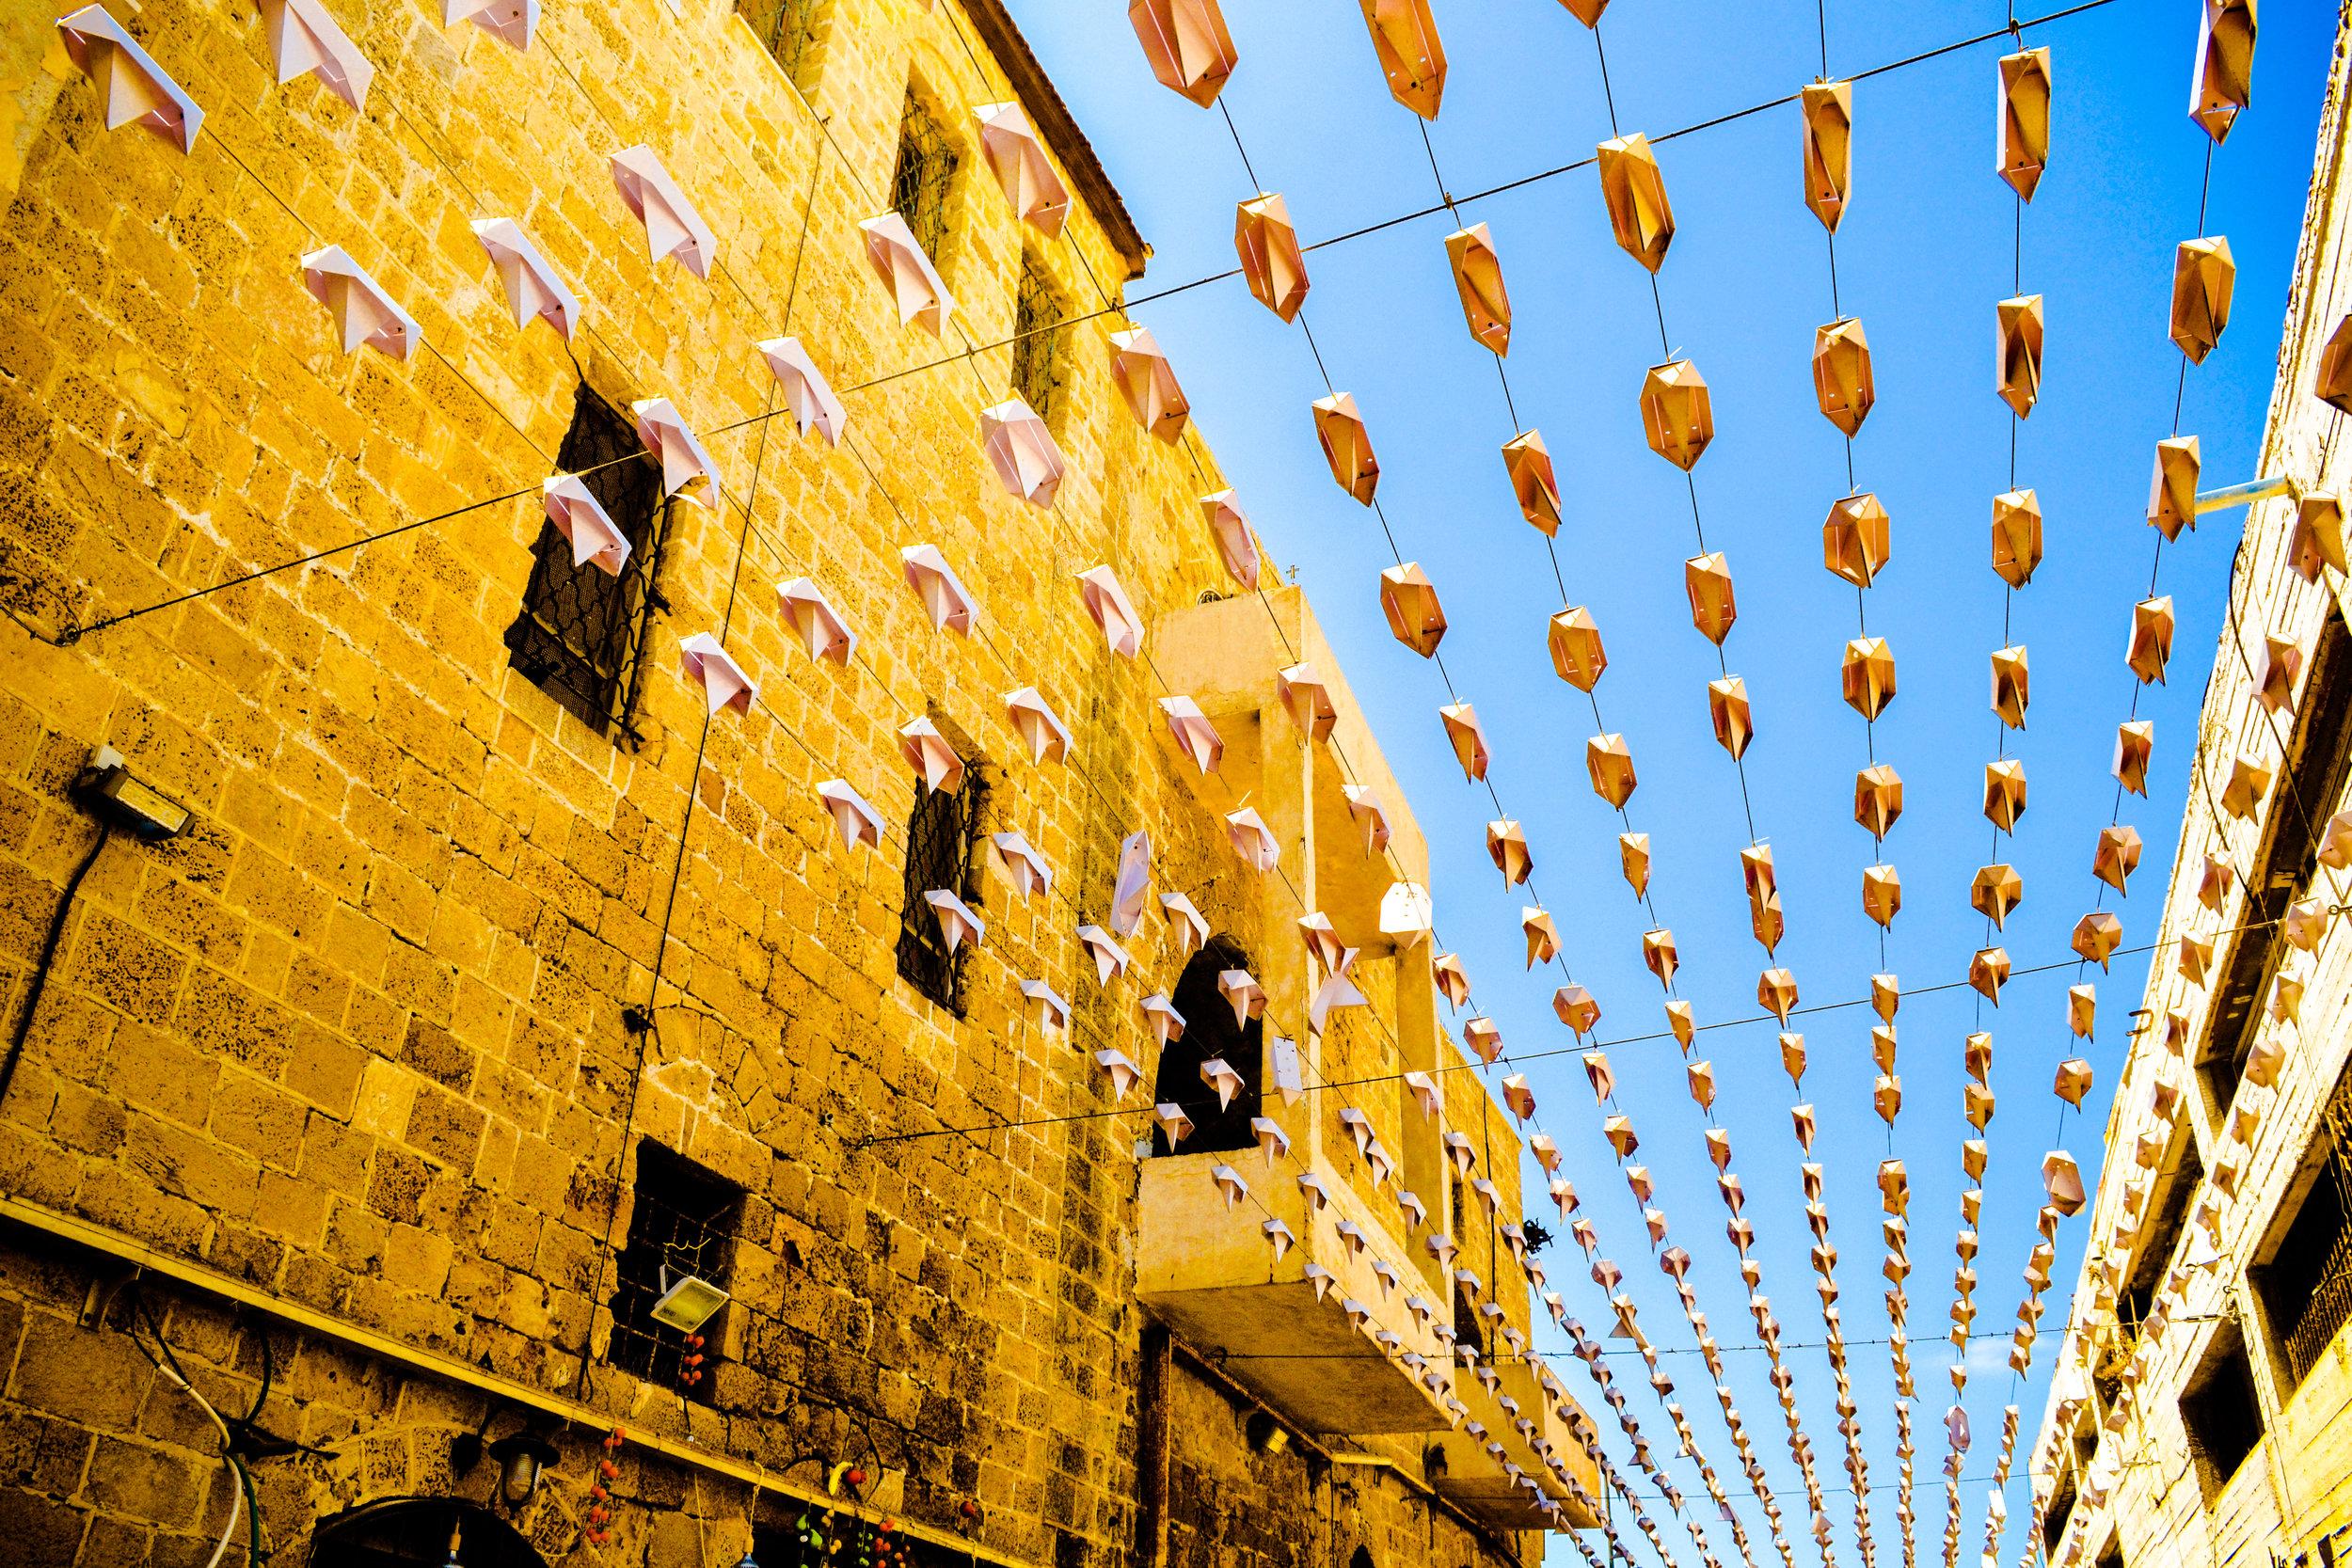 Jaffa Paper Boat Decorations.jpg